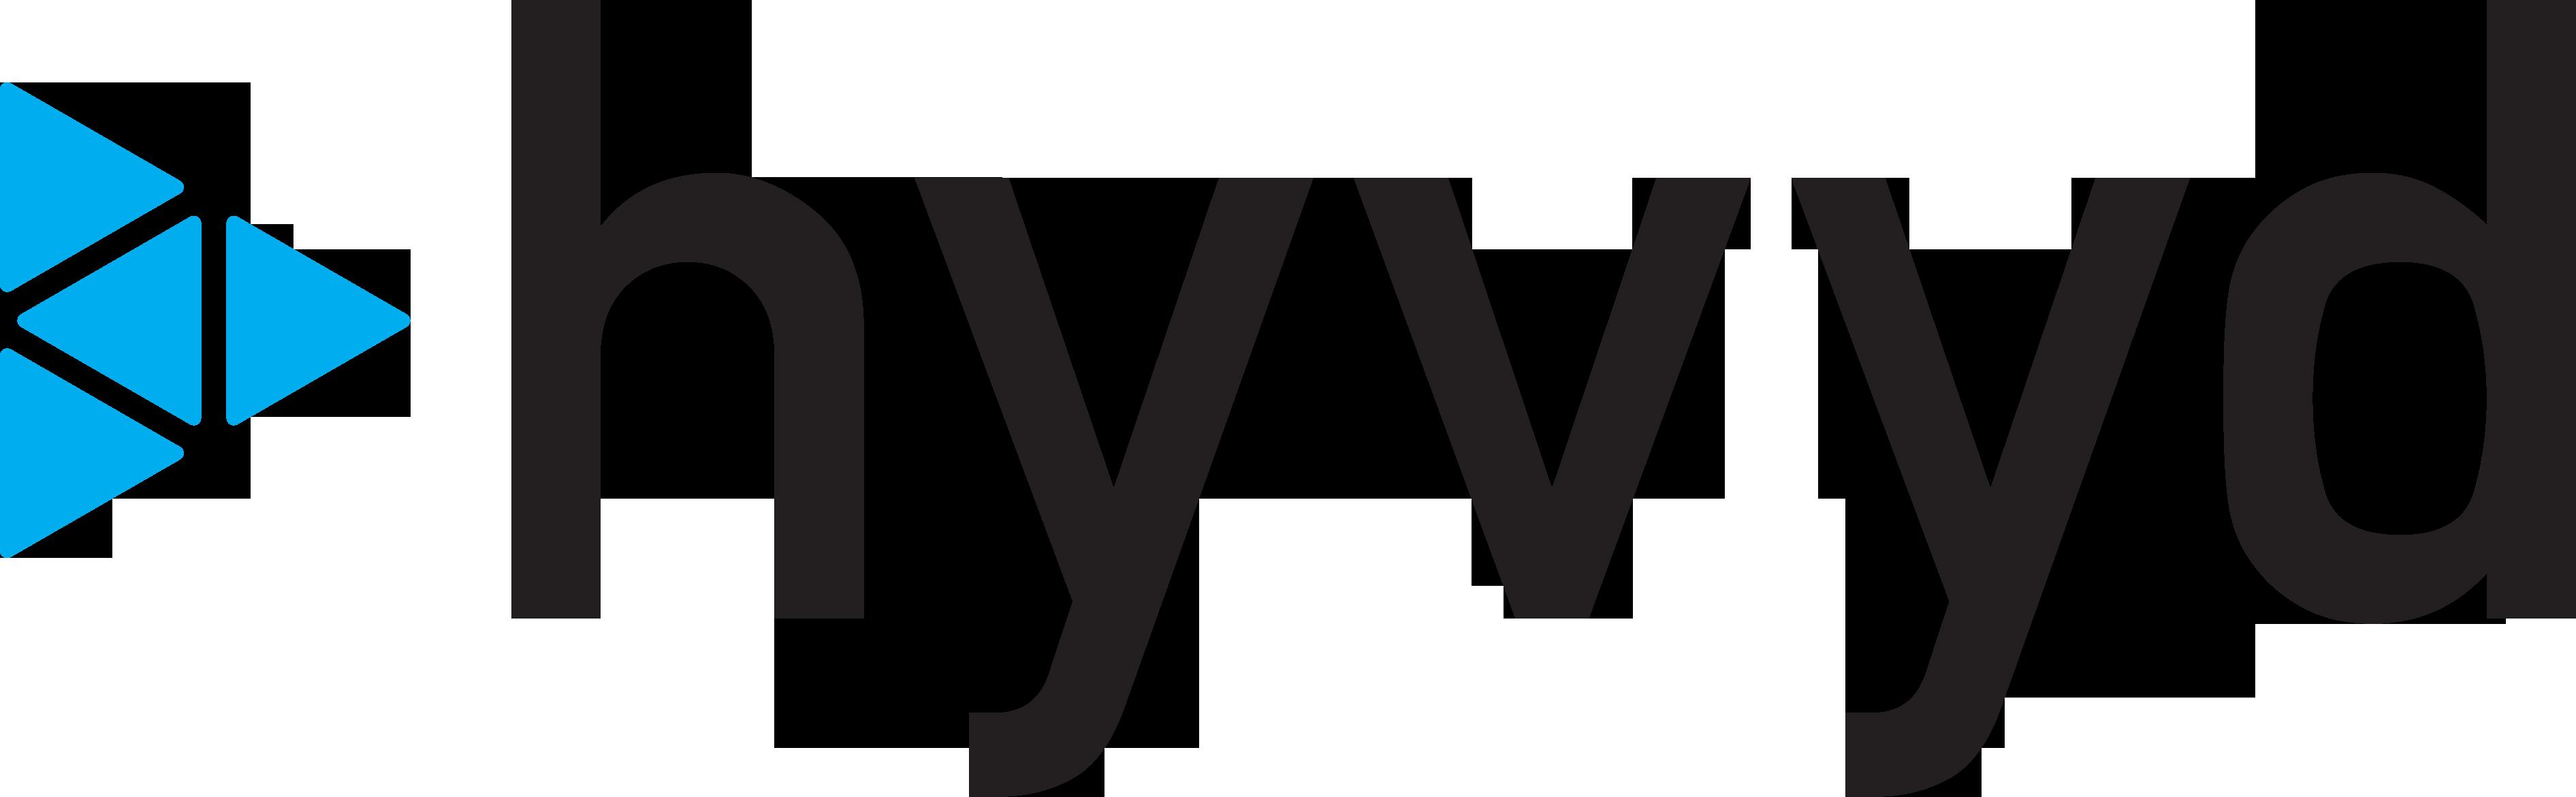 hyvyd GmbH